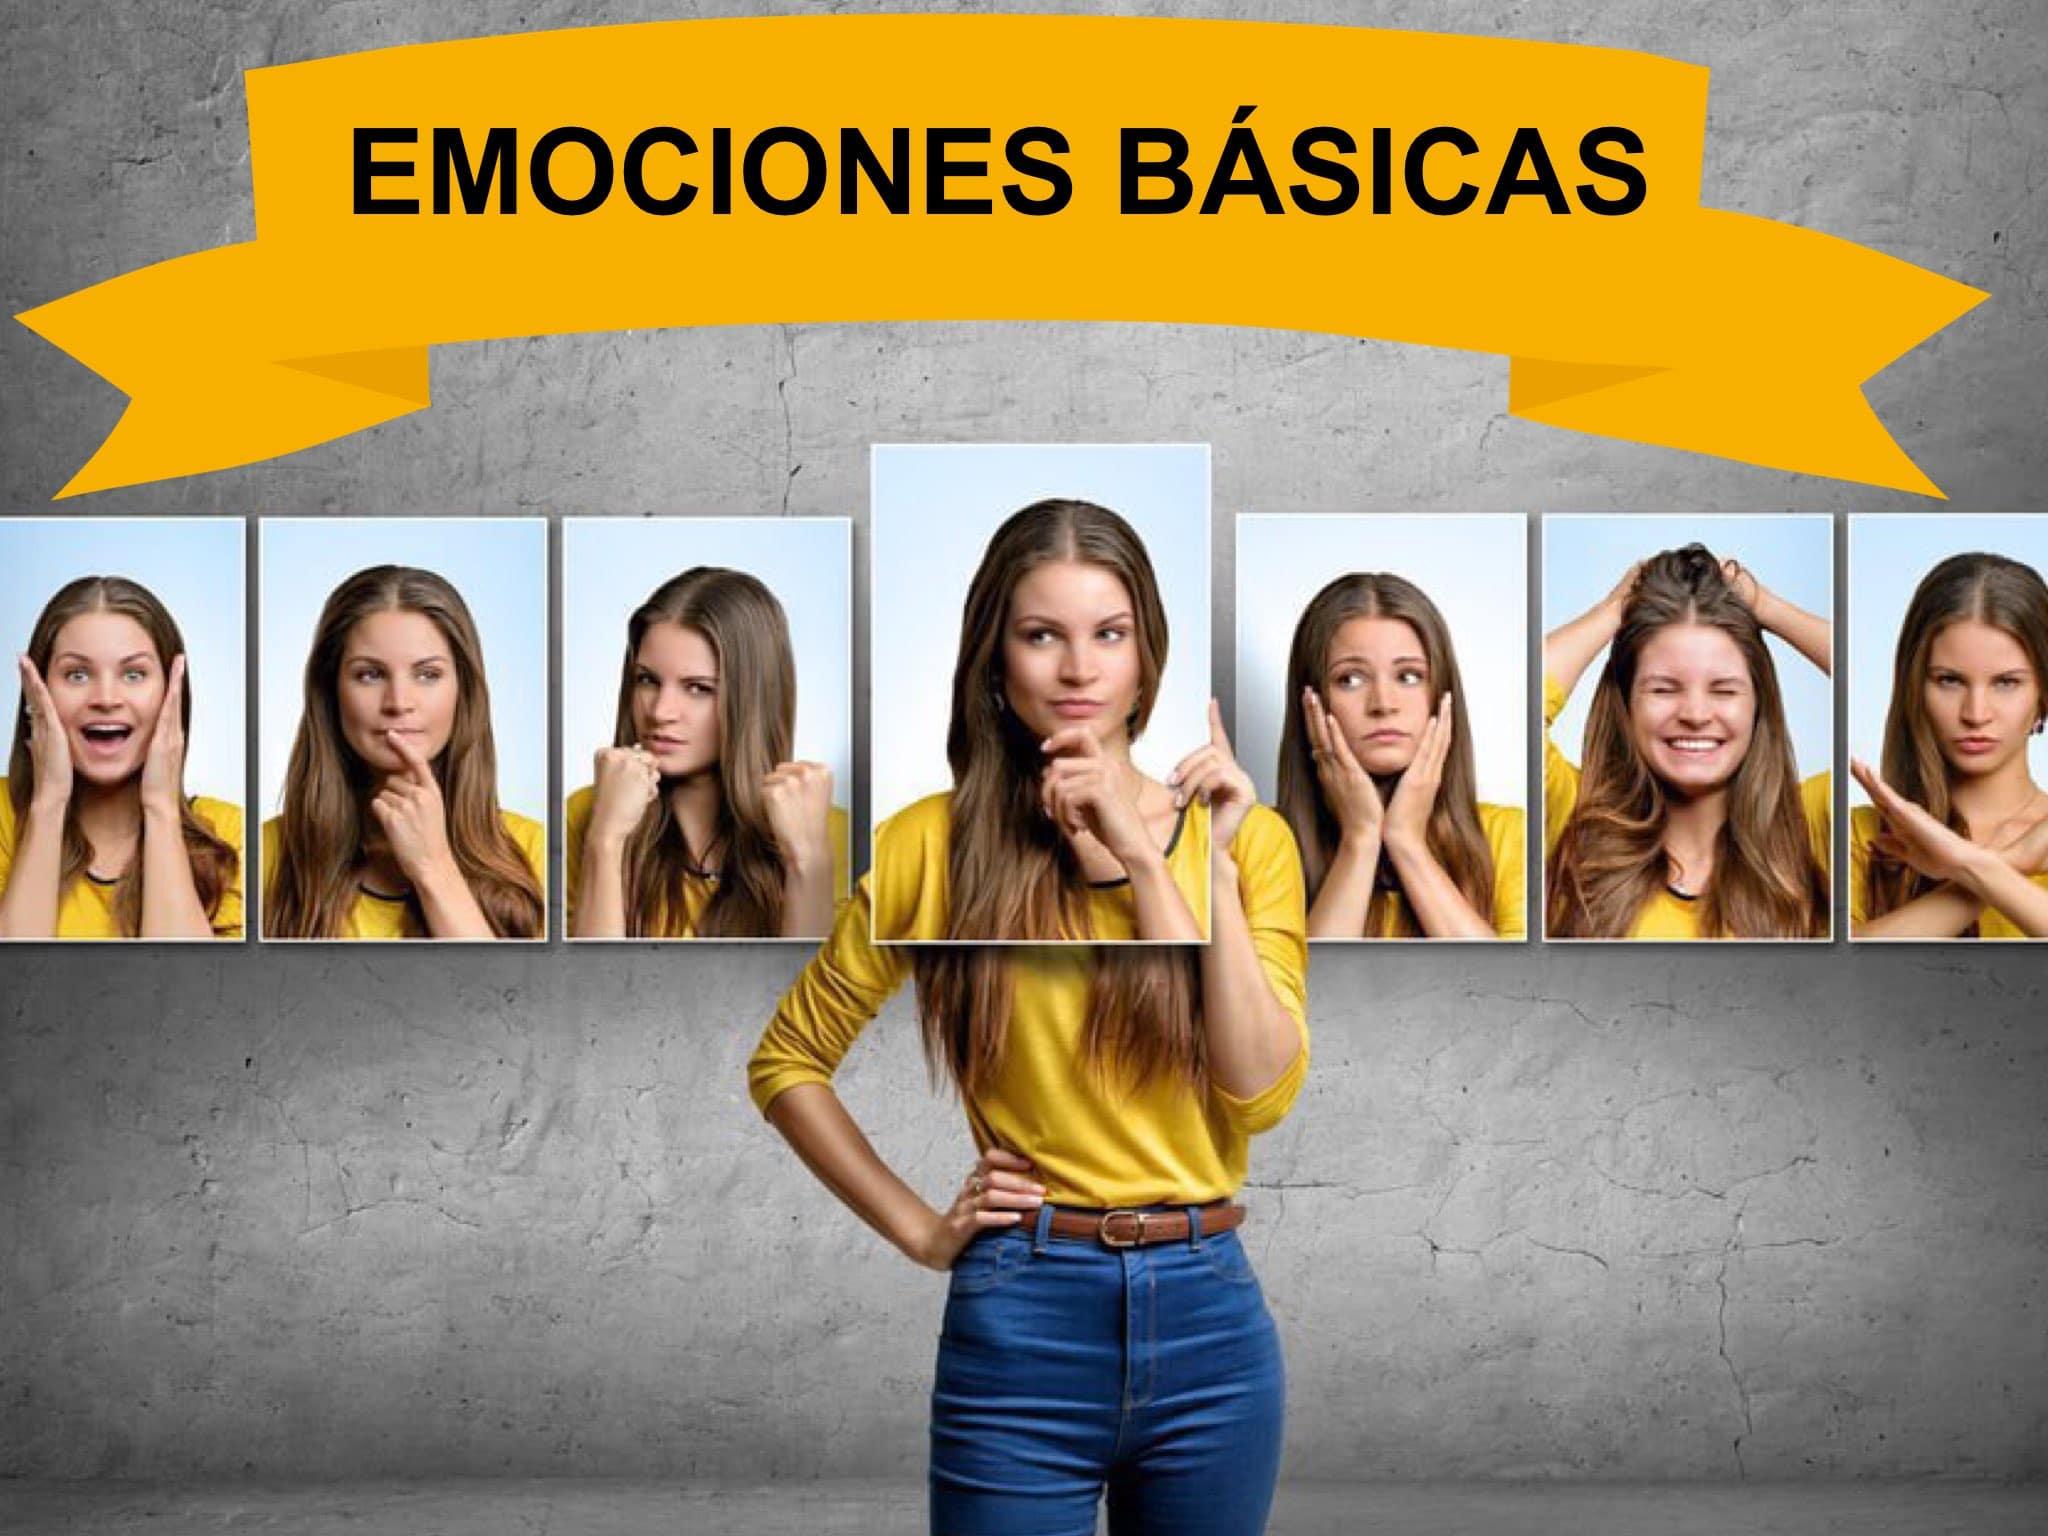 Emociones básicas